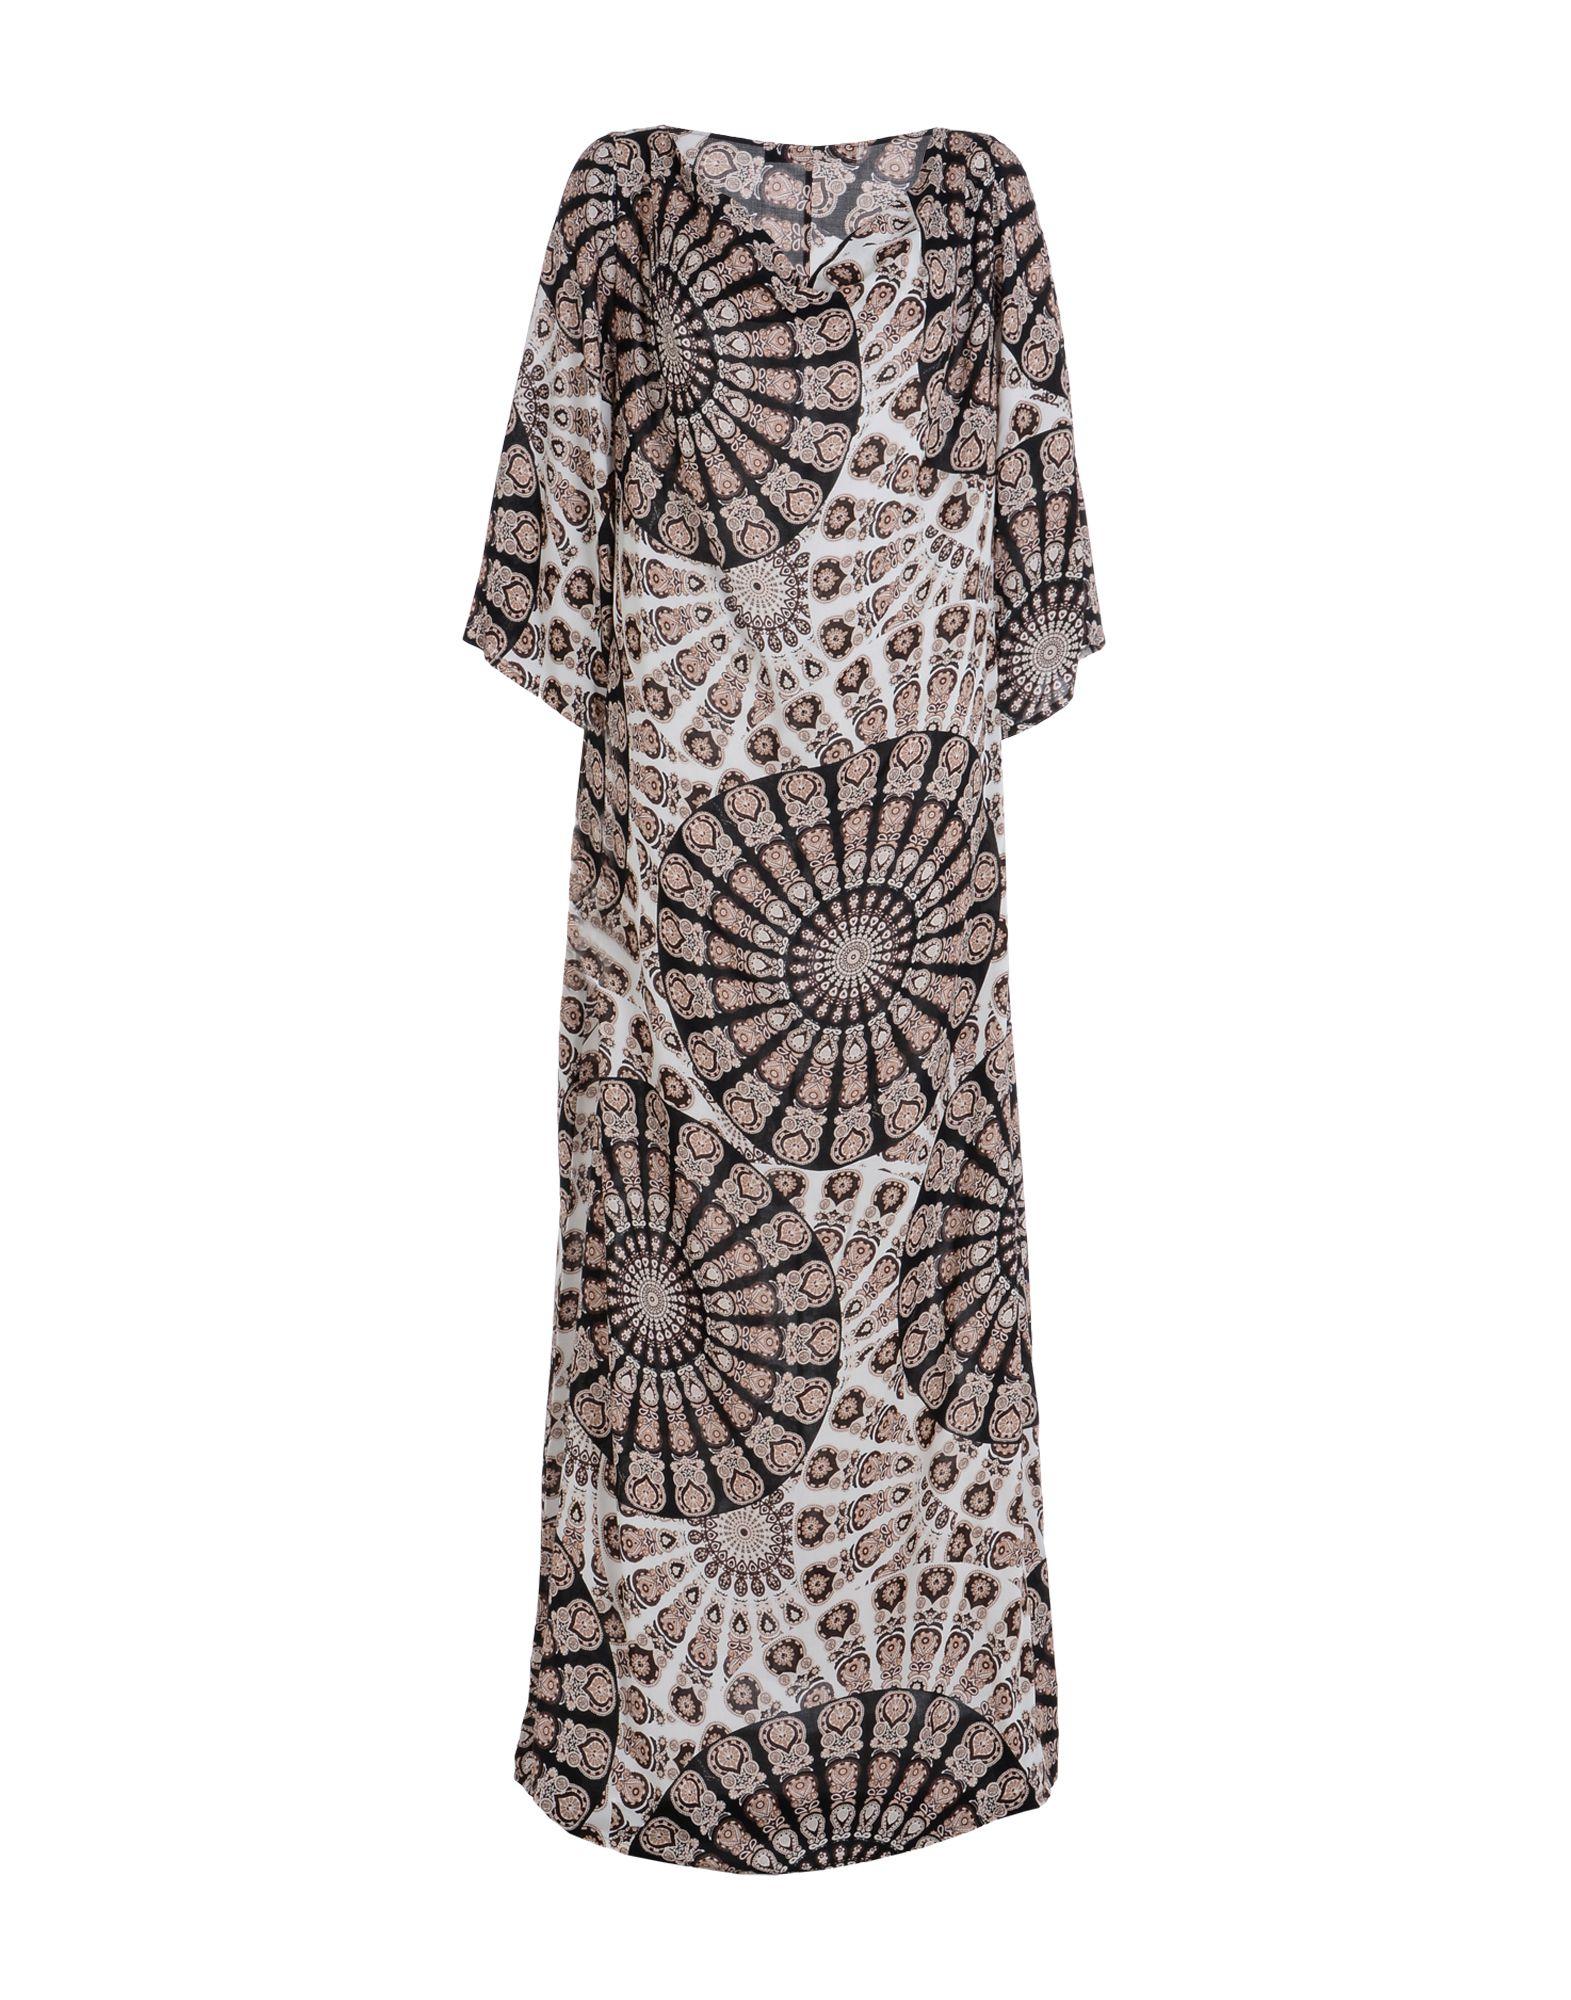 FISICO Длинное платье платье длинное с рисунком пейсли